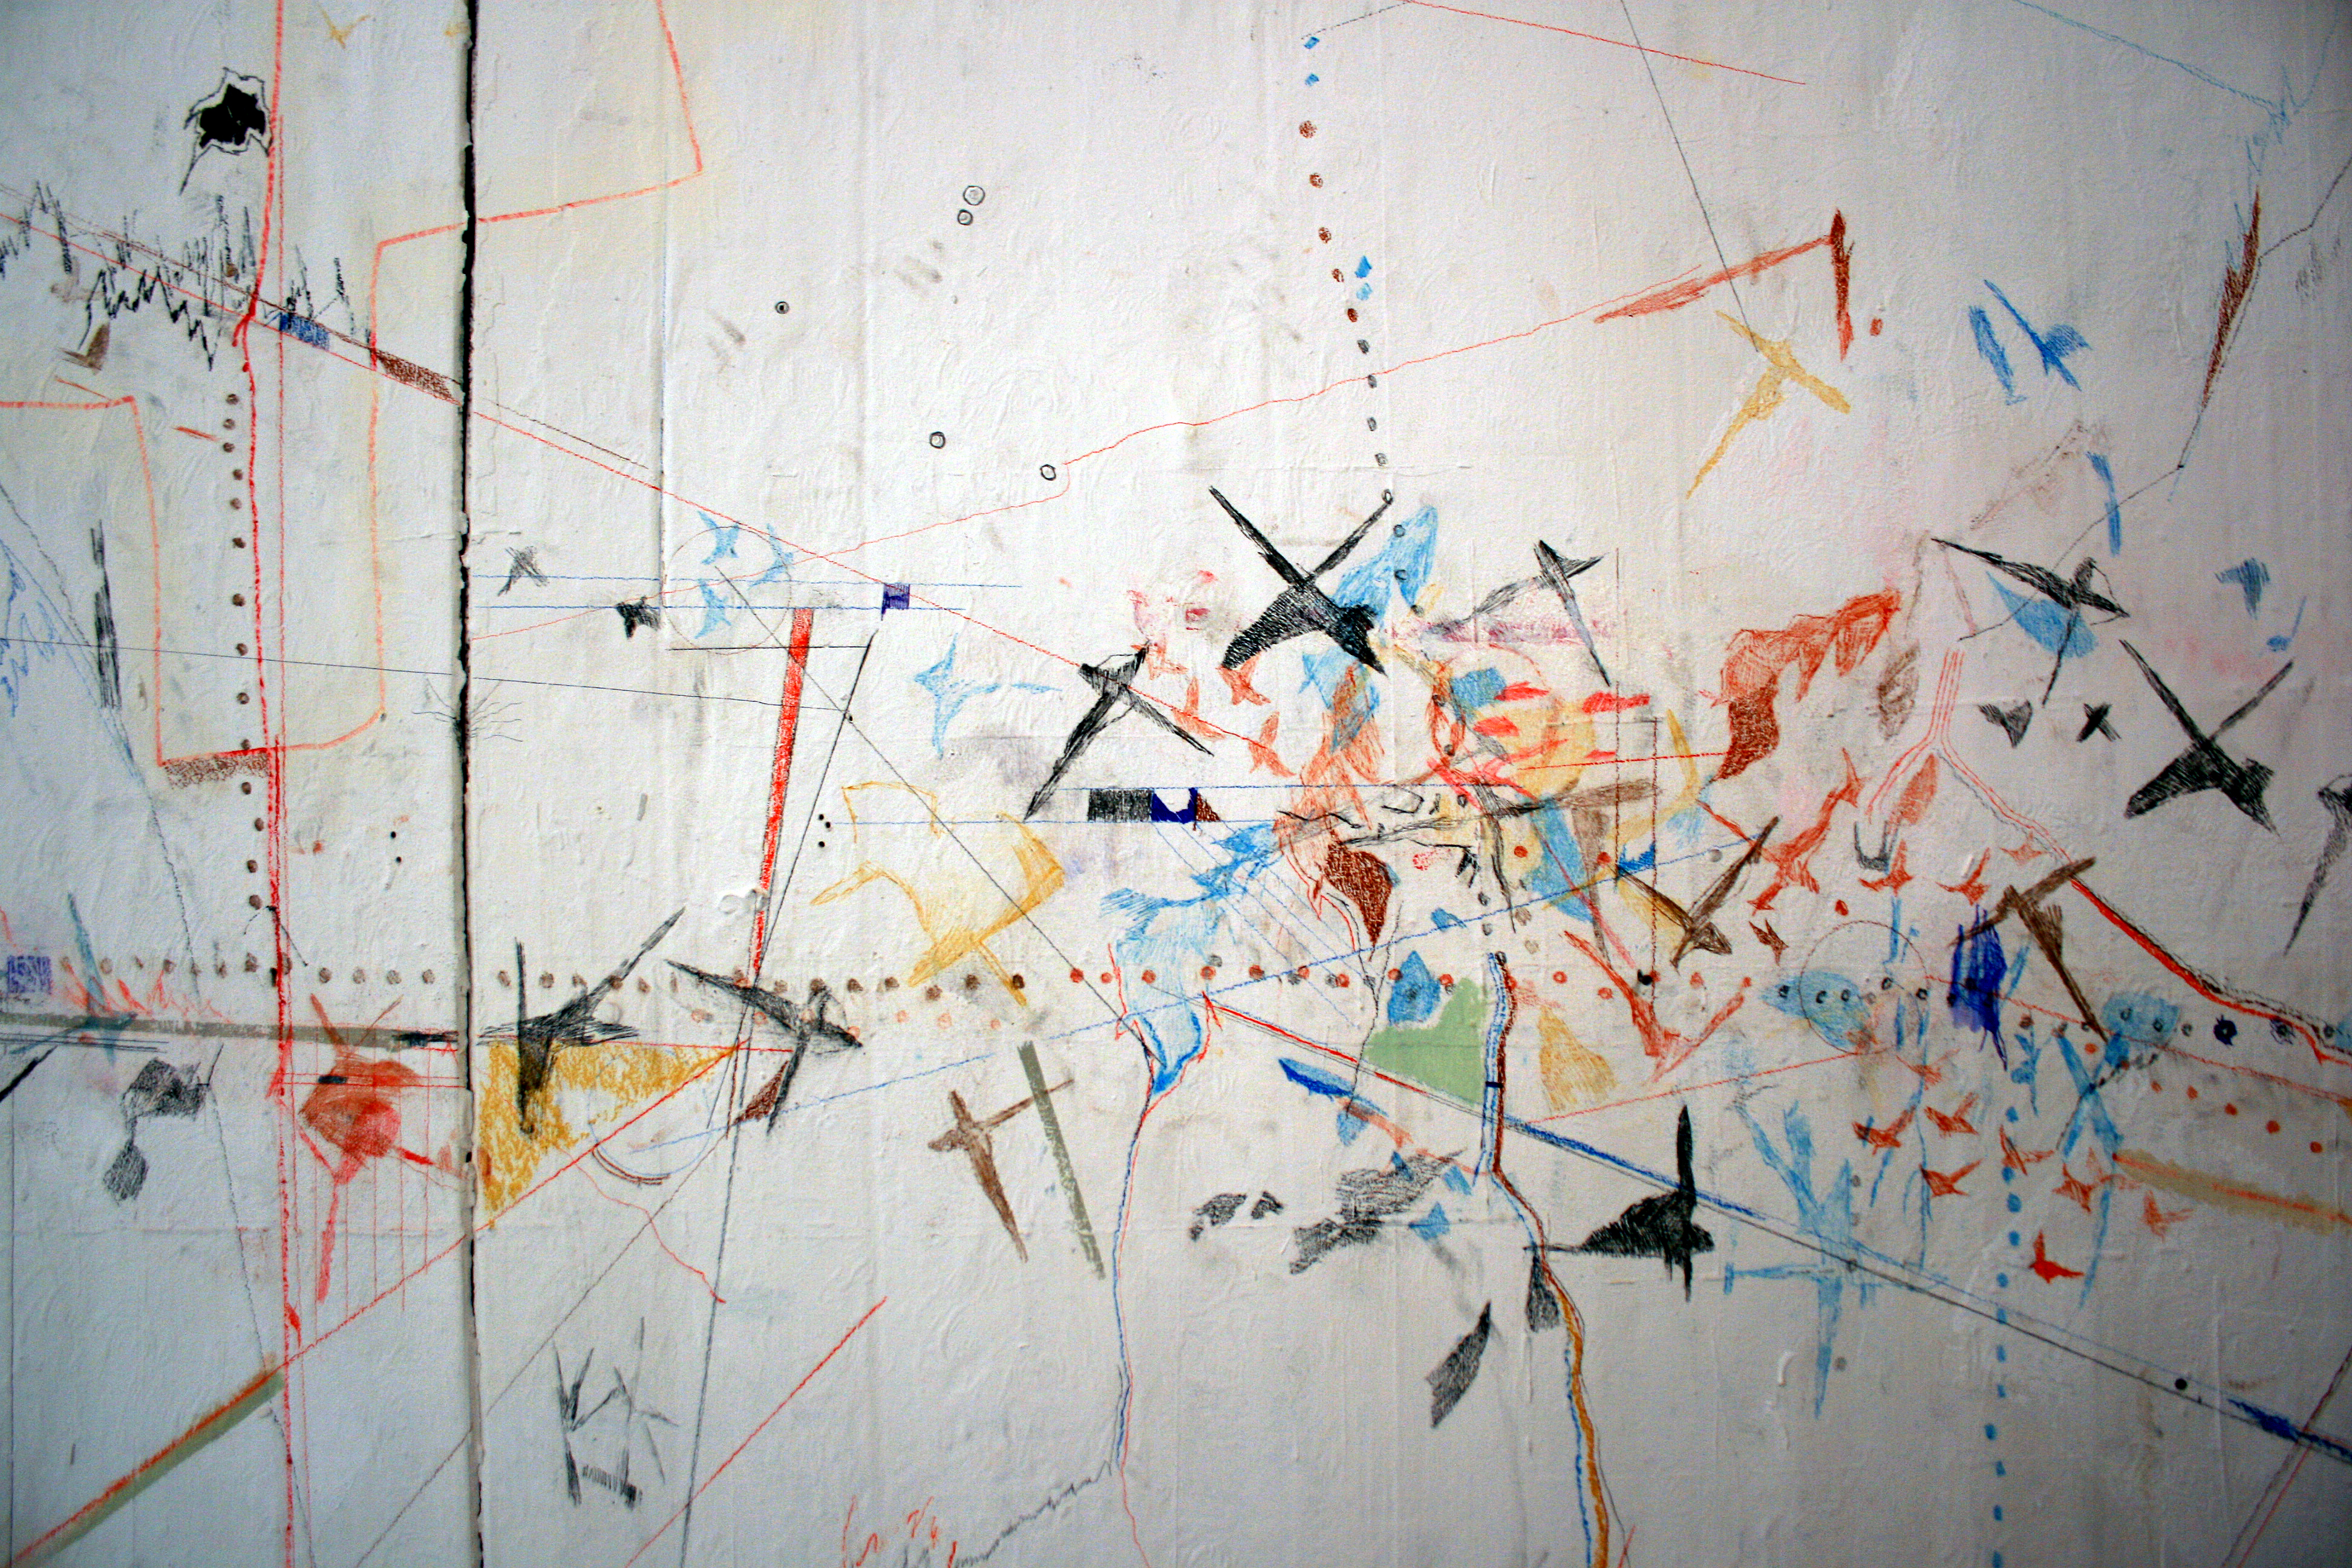 wall piece 2